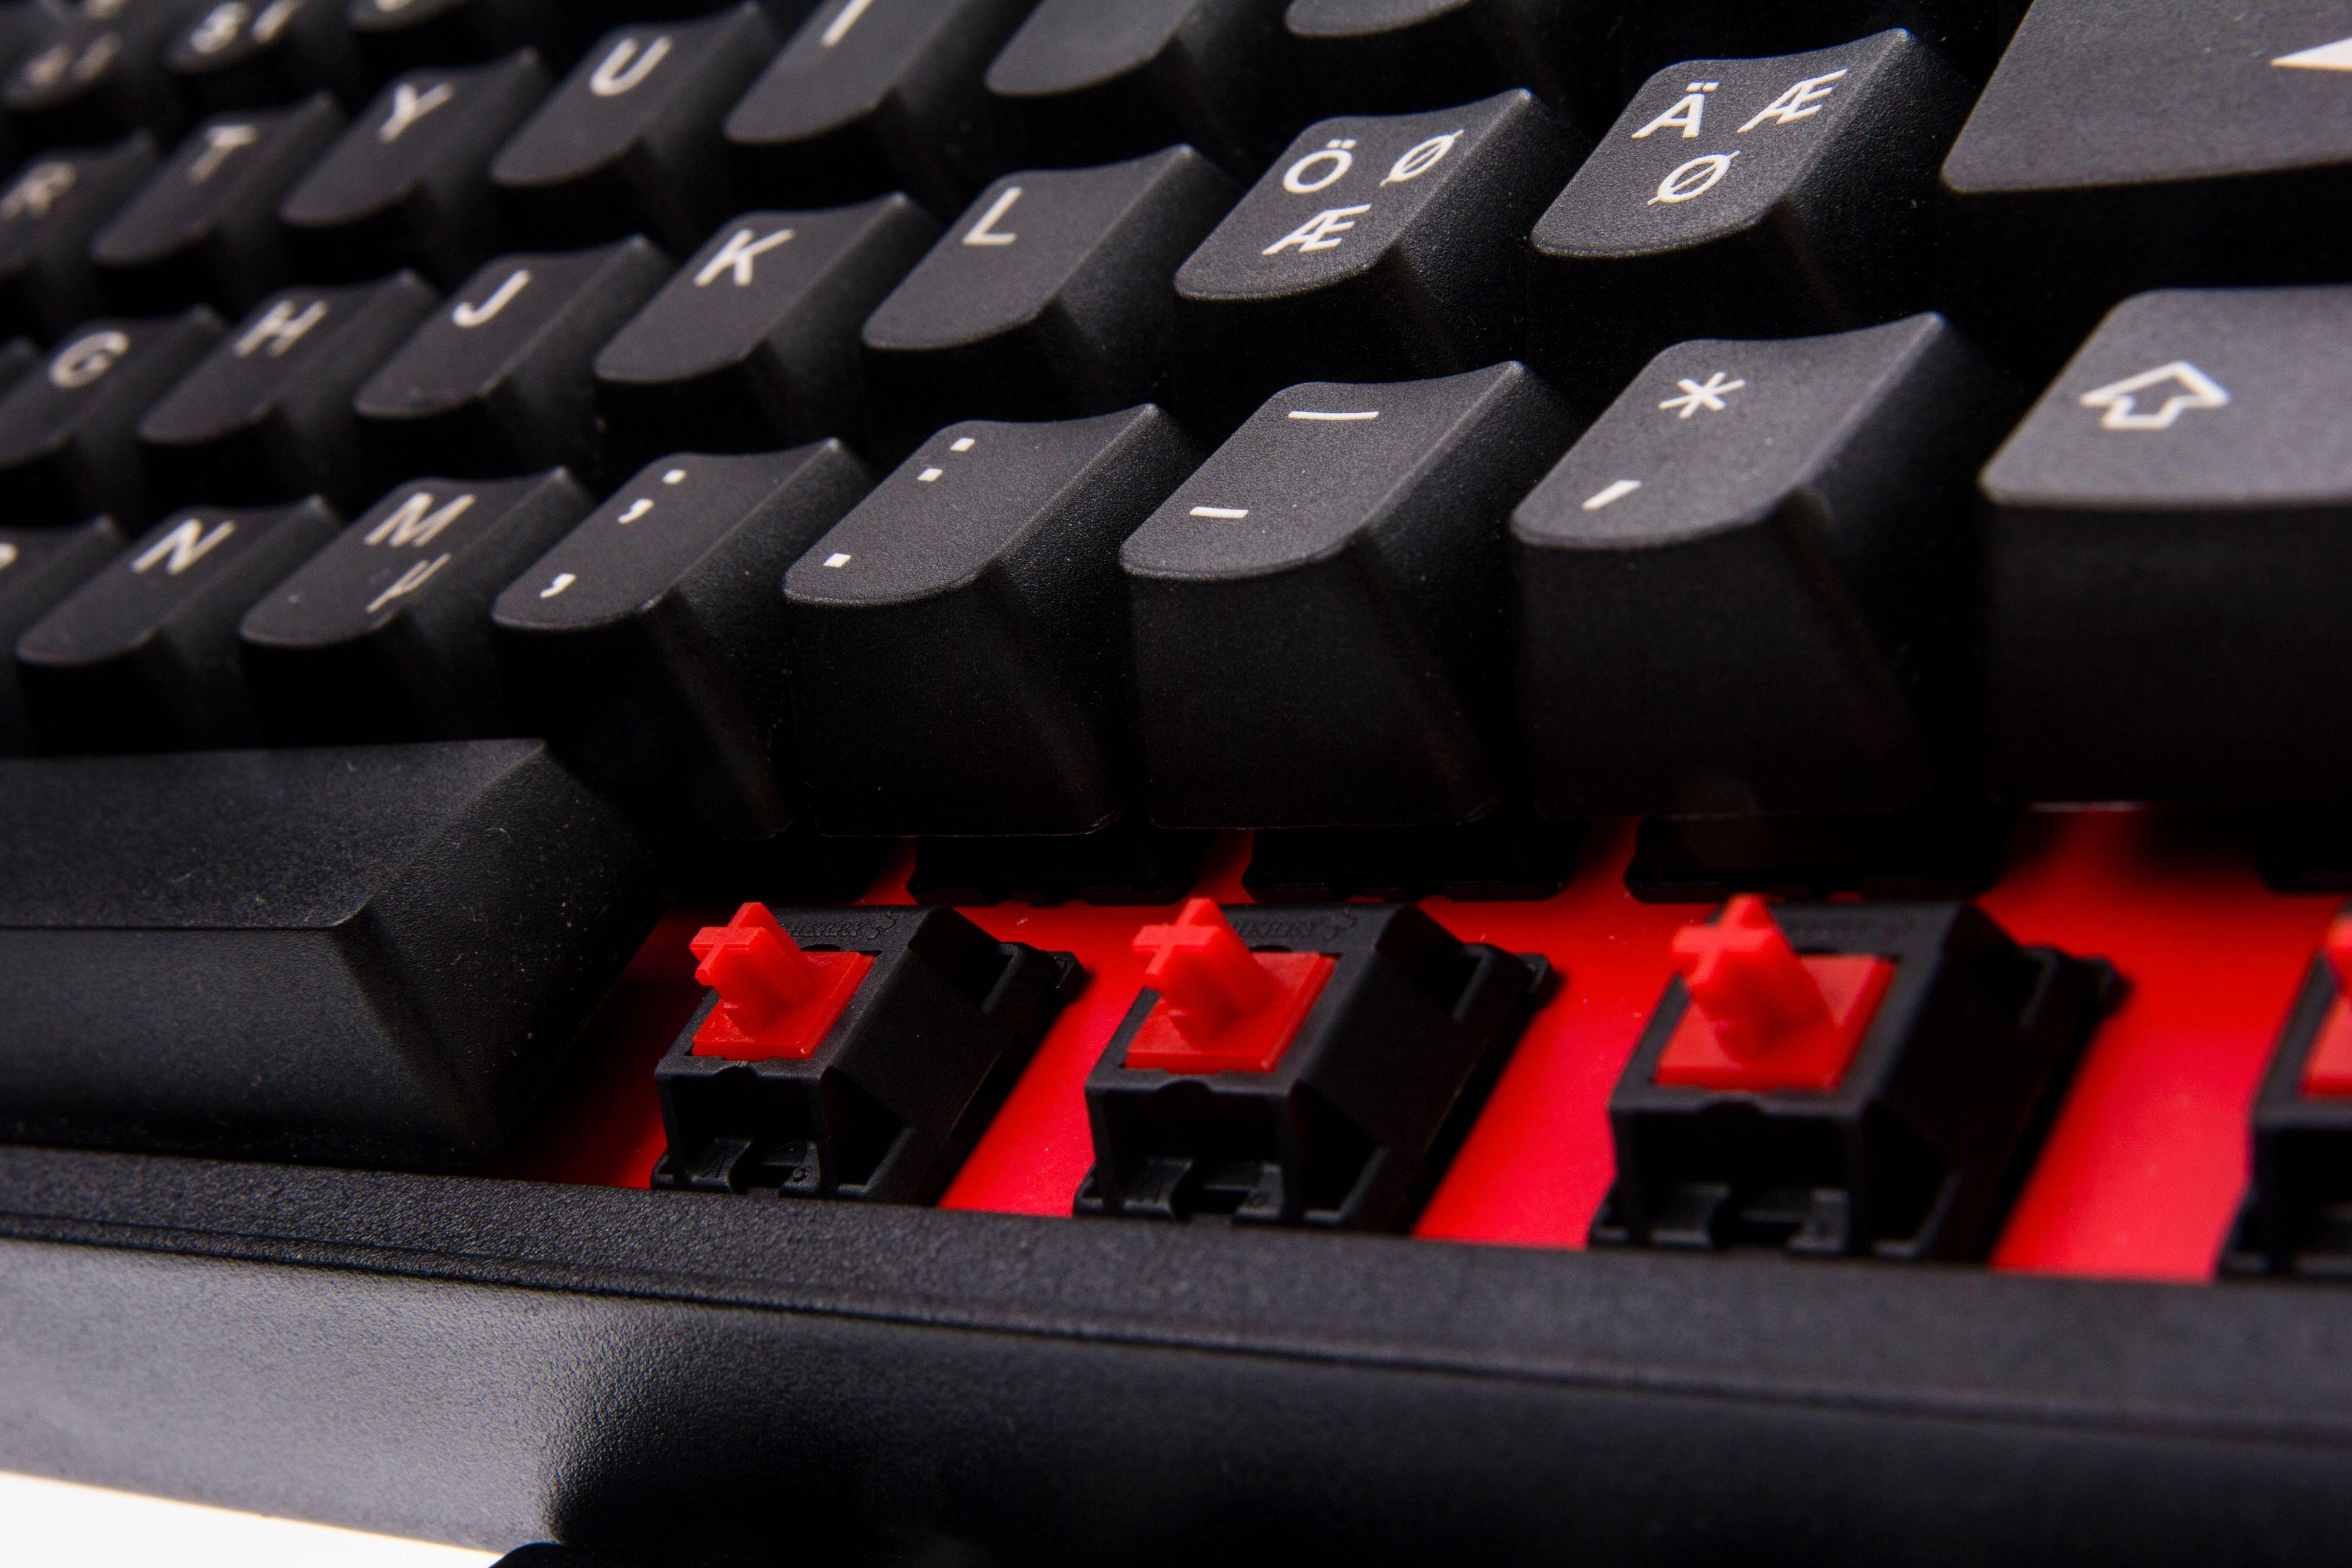 Steelseries 6Gv2 har fått røde brytere og en rød bakplate, for å skille seg fra forgjengeren.Foto: Niklas Plikk, Hardware.no